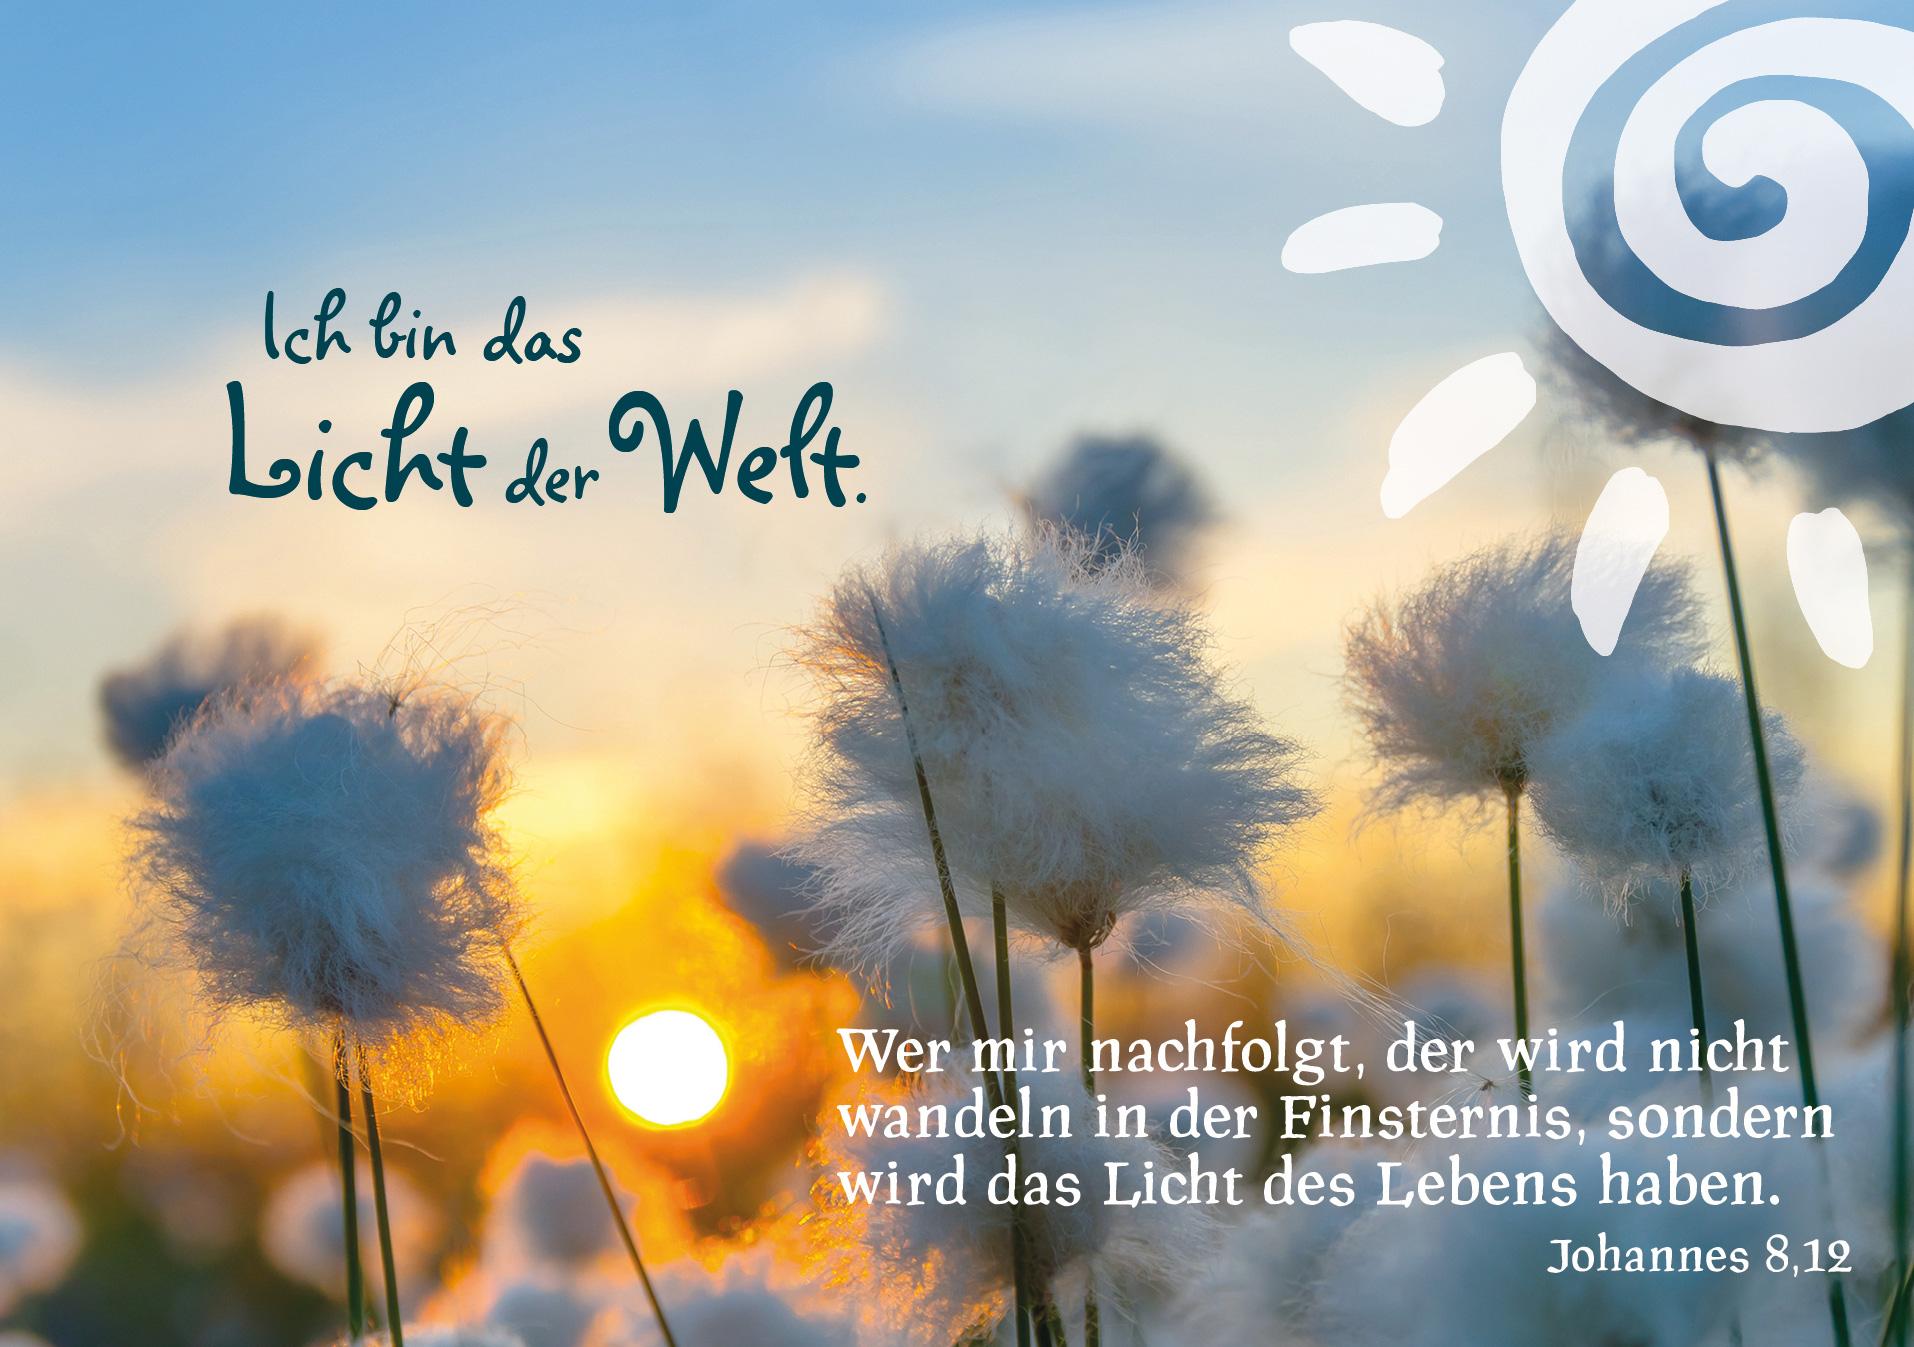 view Akustische Grundlagen der Sprachkommunikation: Anwendung in Schule, Buro Und Freizeit, Bei Schwerhorigkeit Und